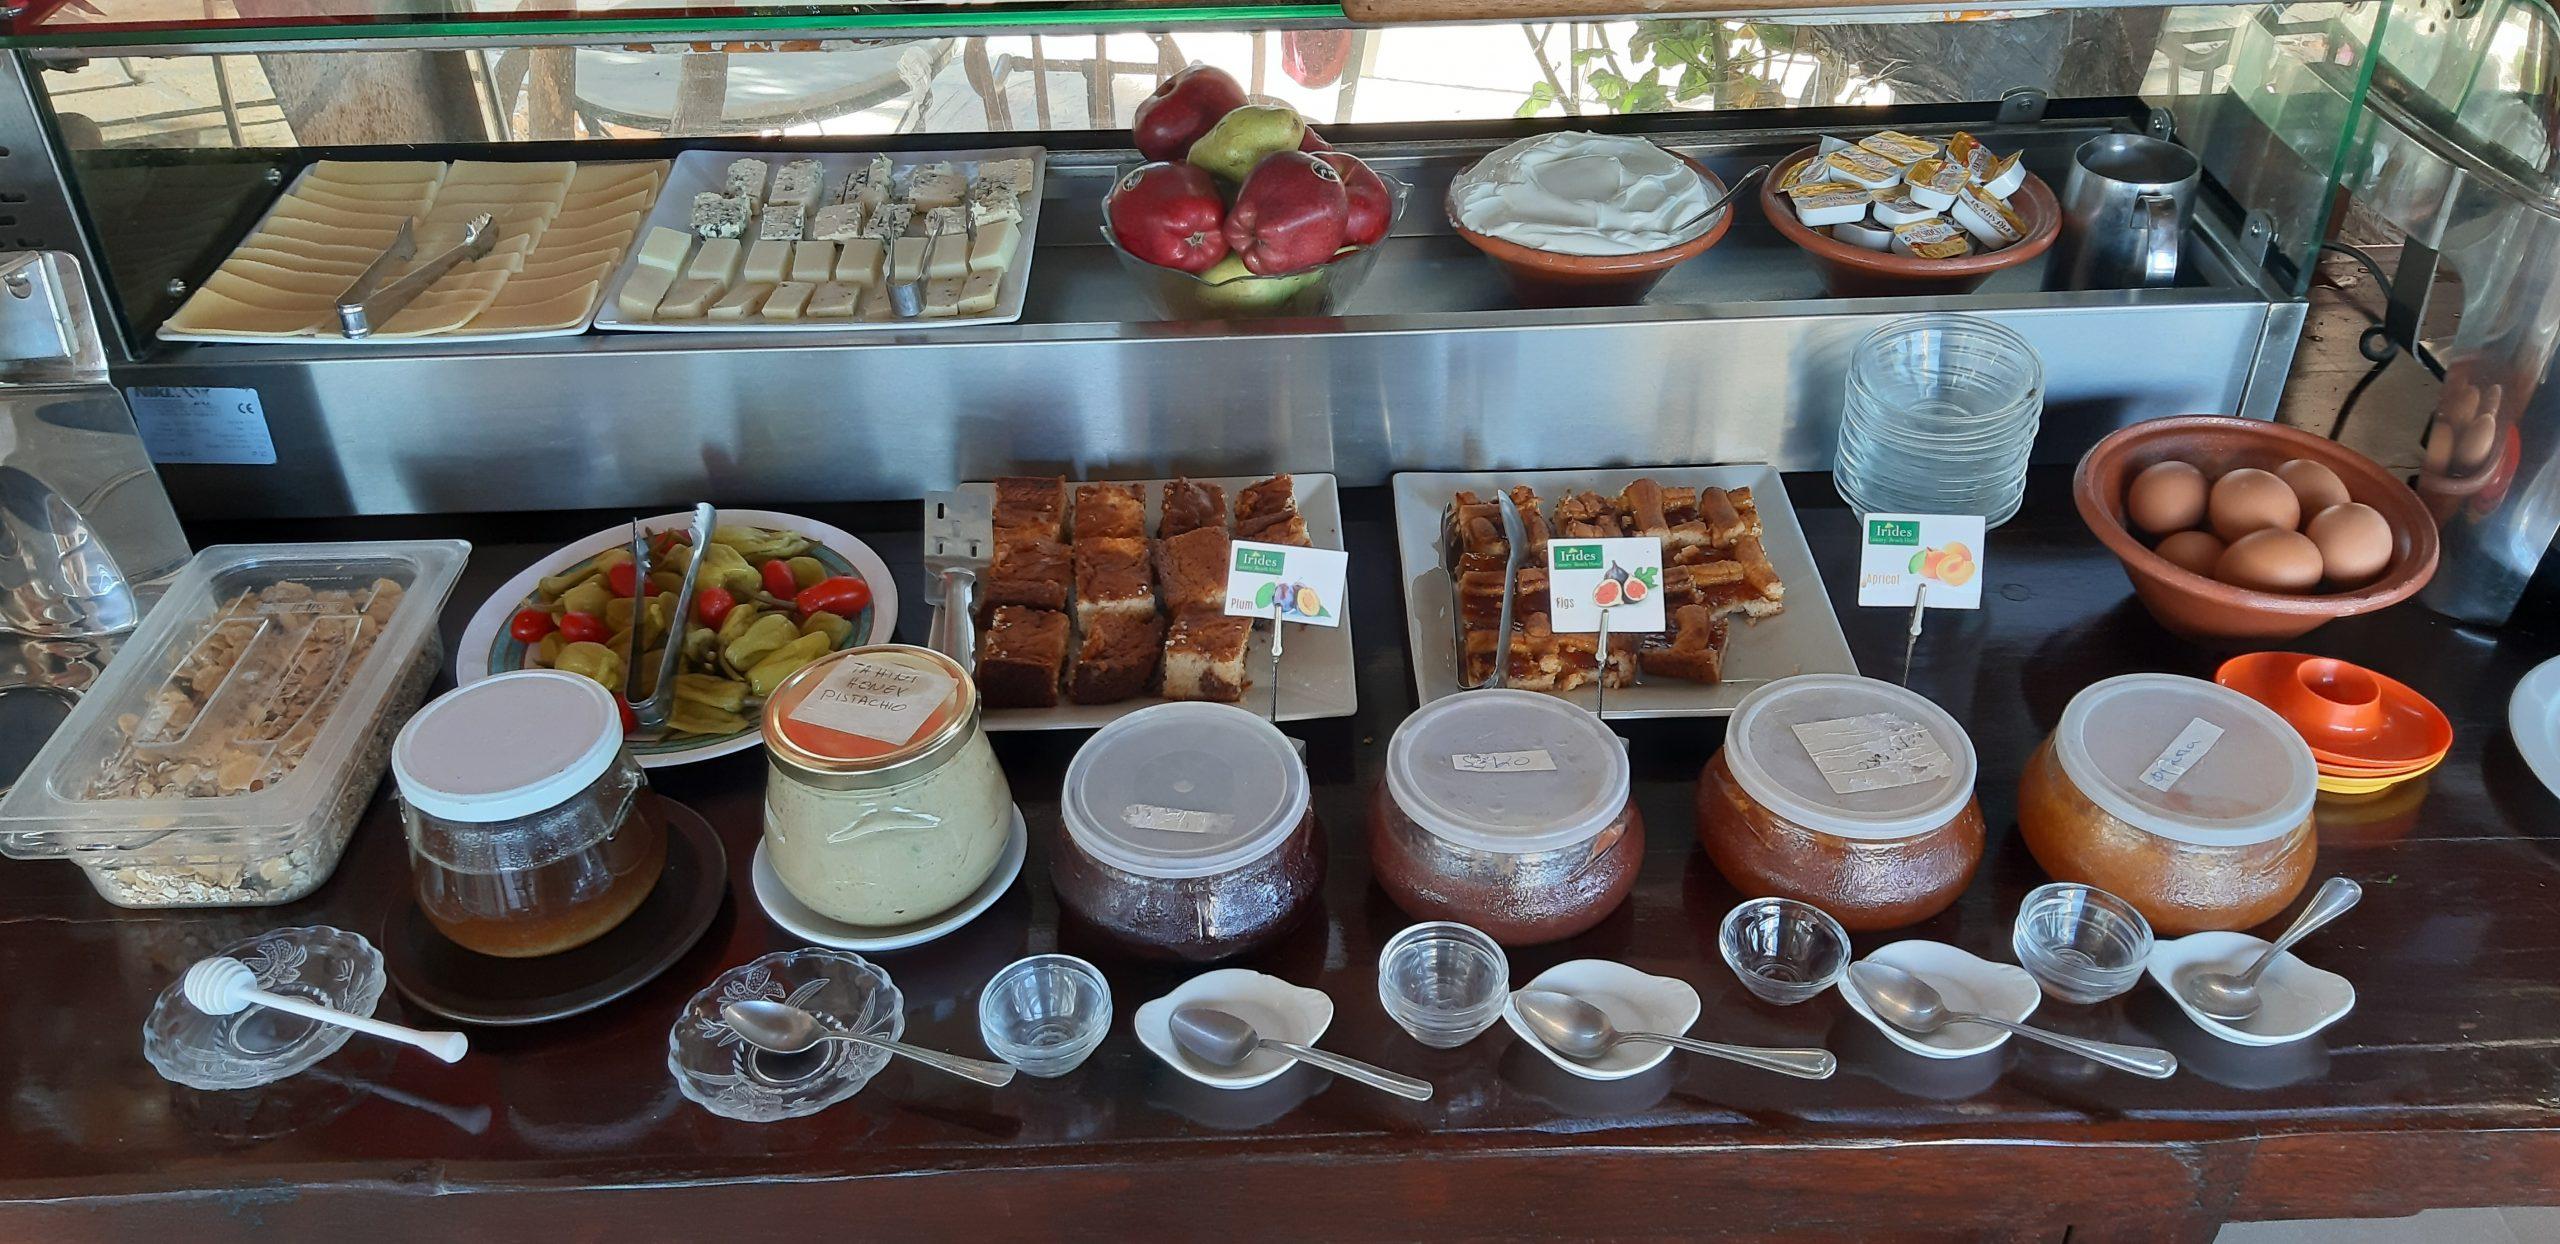 Ιrides hotel Ægina morgenmadsbuffet